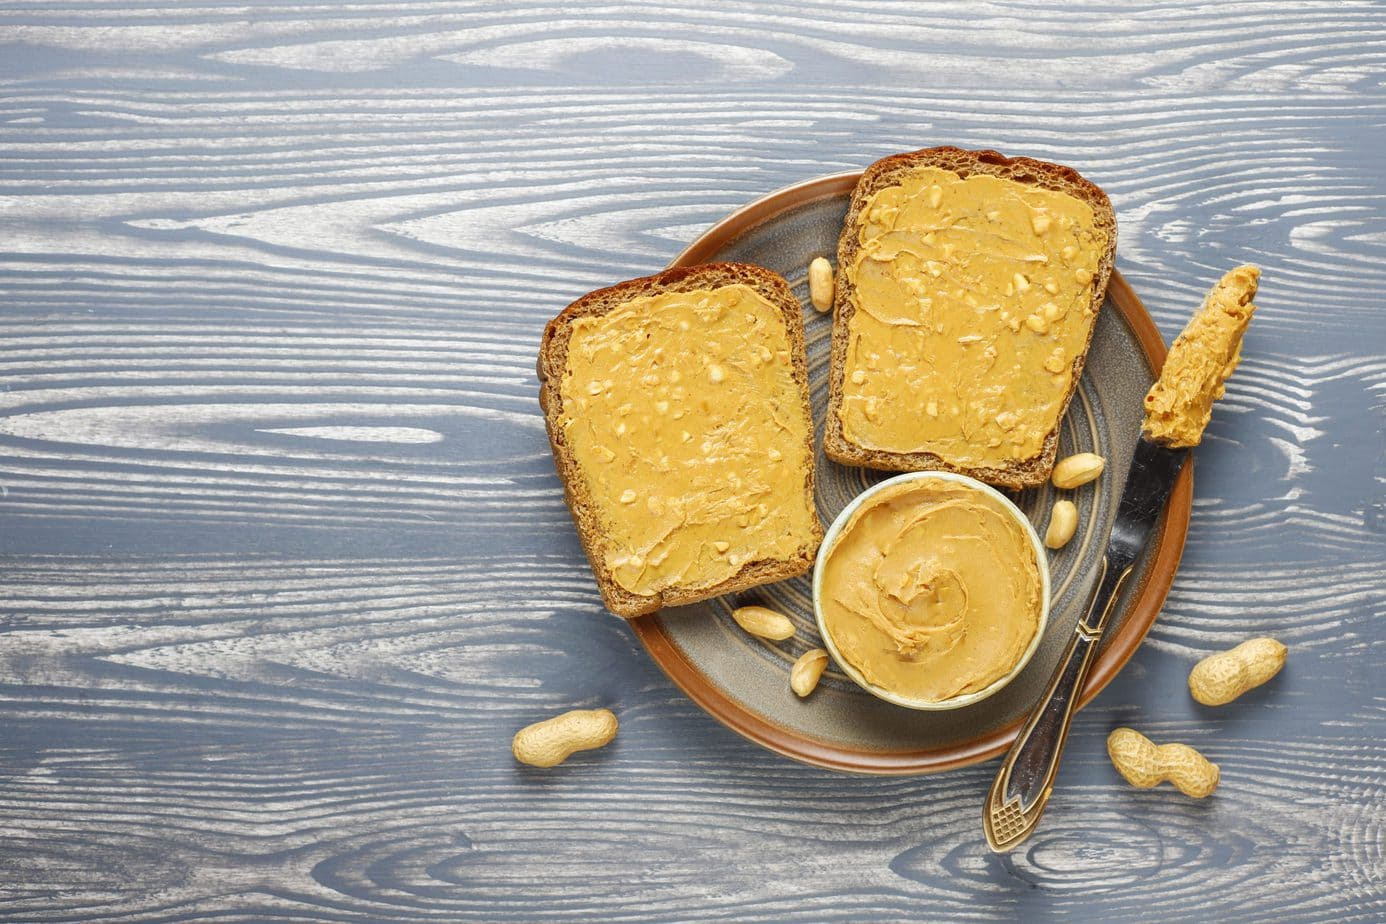 Pasty orzechowe – dlaczego warto mieć je w zdrowej diecie?